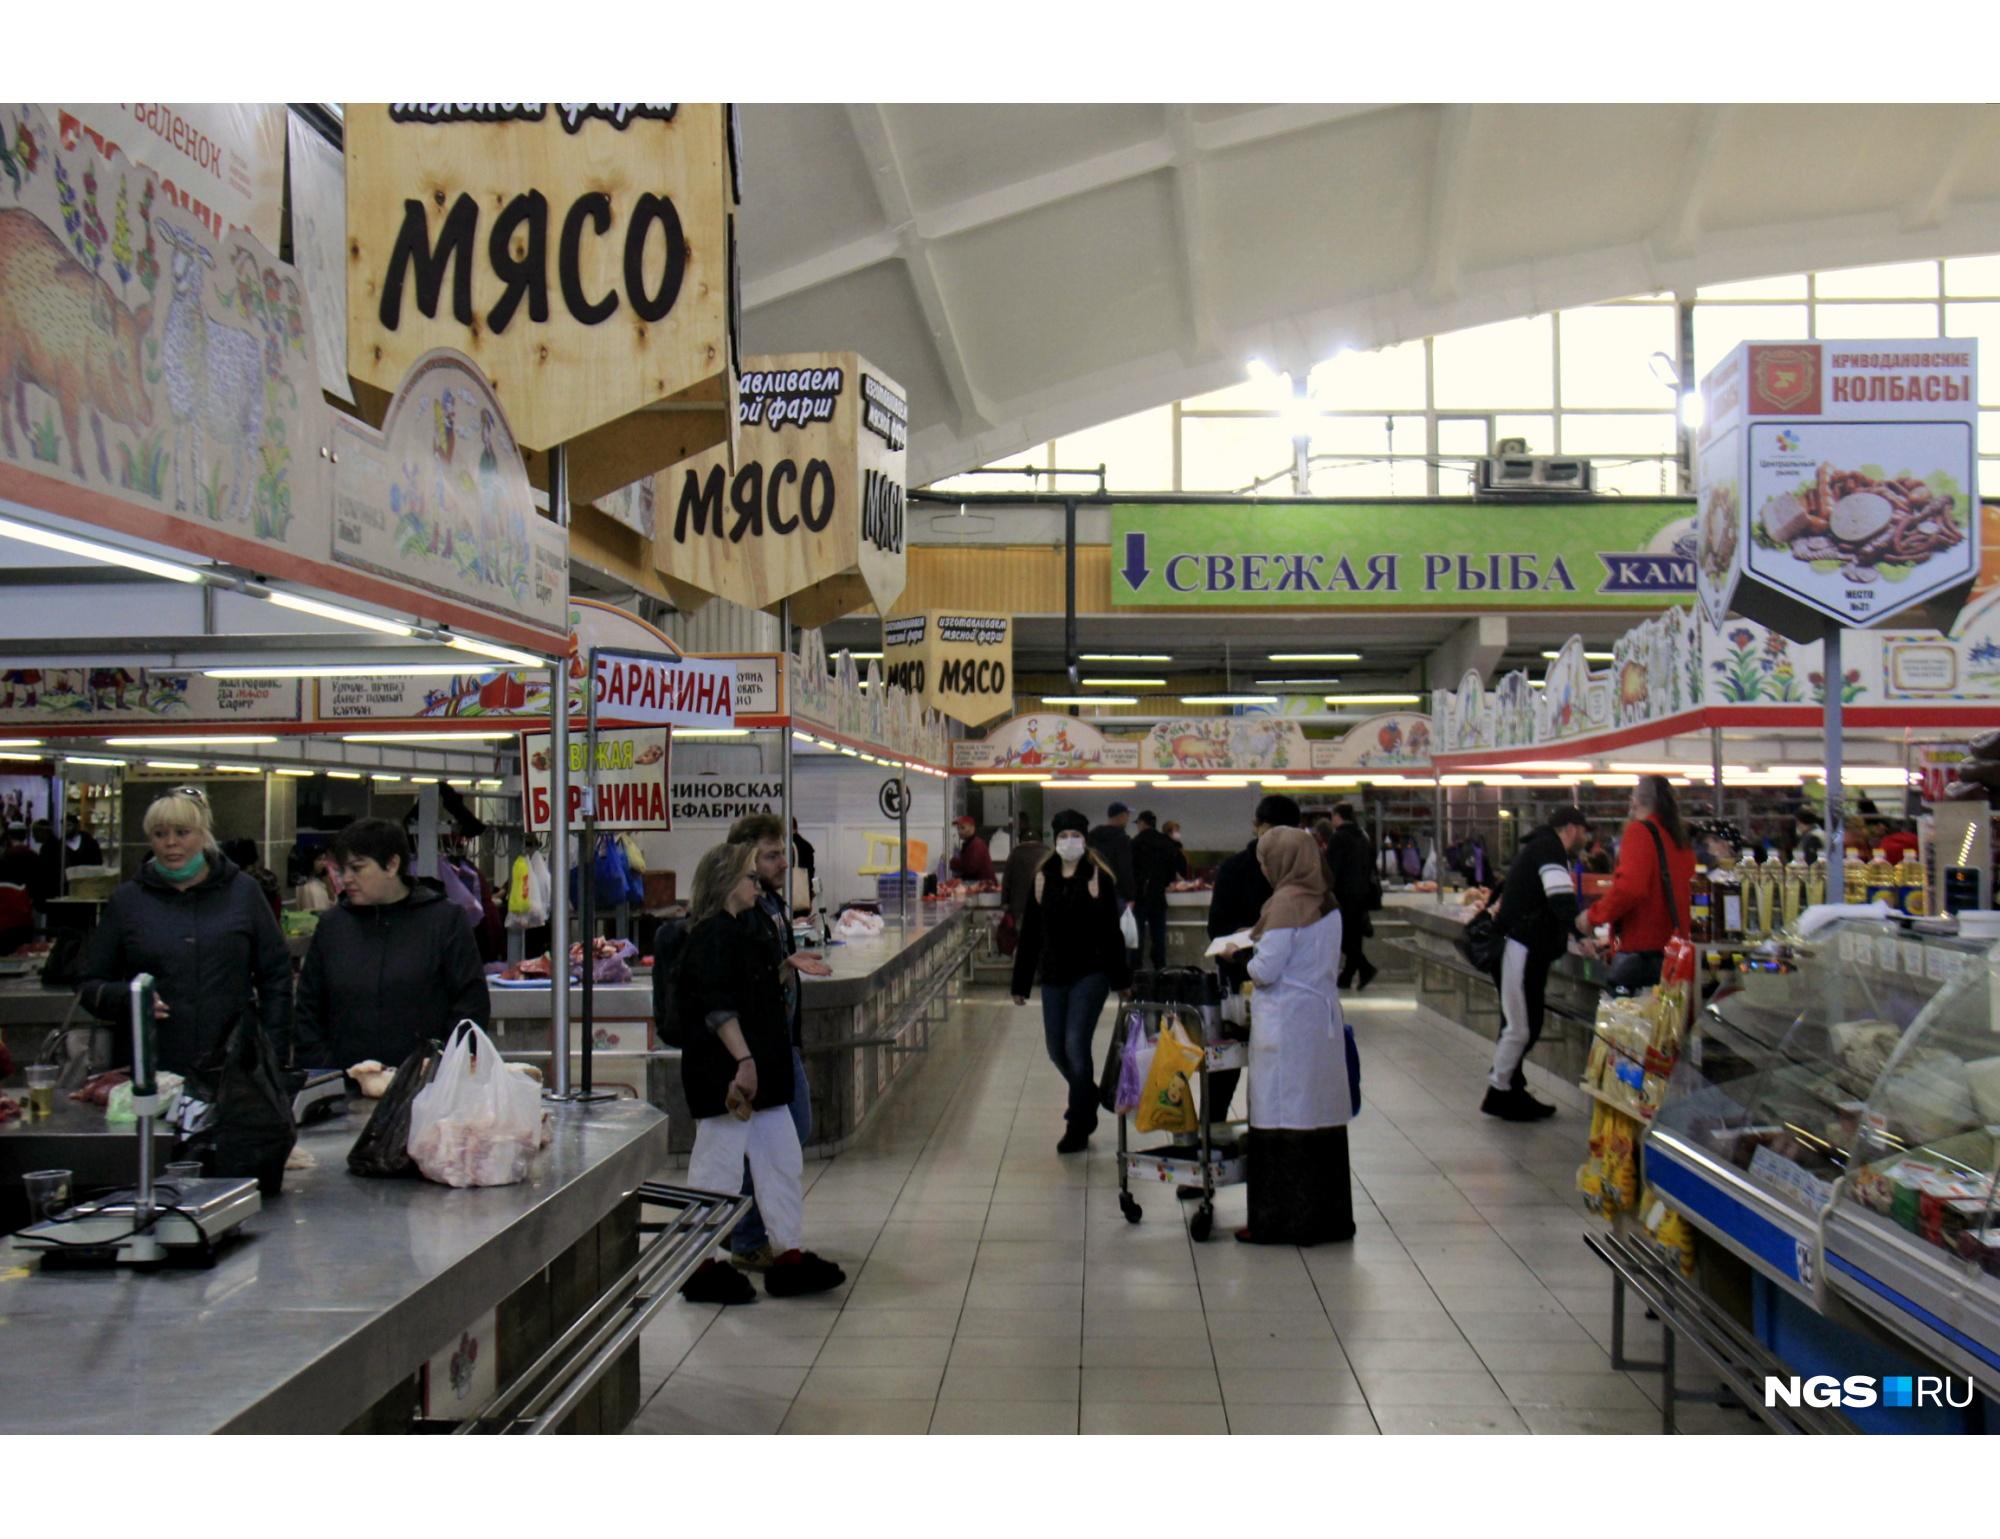 Часть торговых мест пустует, но покупателей немало